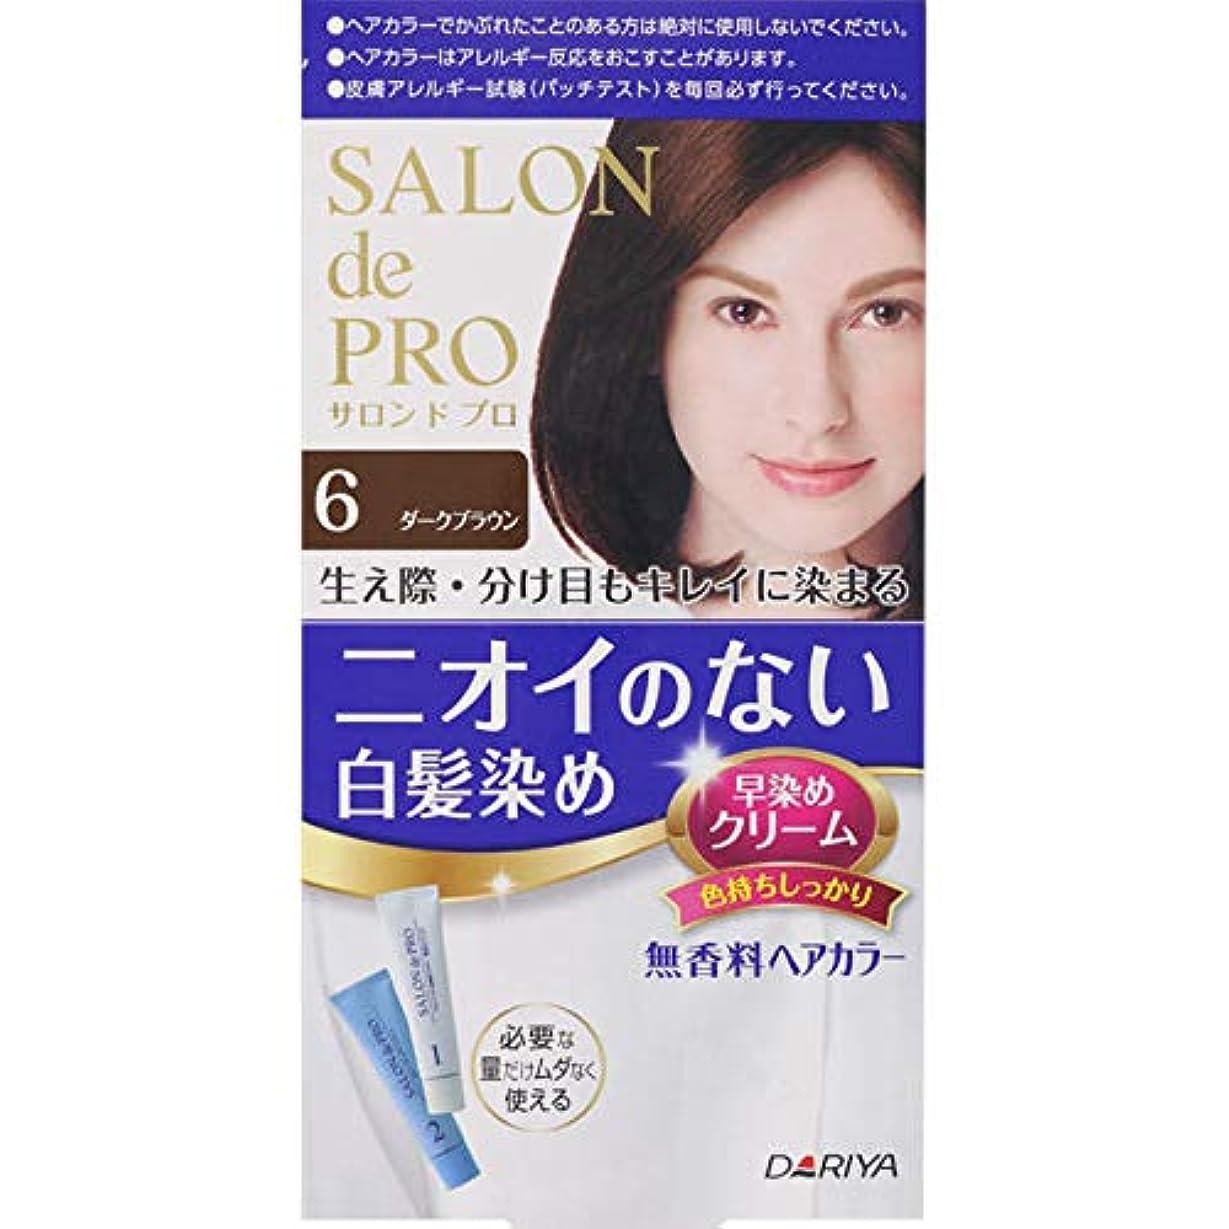 導体談話まぶしさダリヤ サロン ド プロ 無香料ヘアカラー 早染めクリーム(白髪用) 6 ダークブラウン 40g+40g